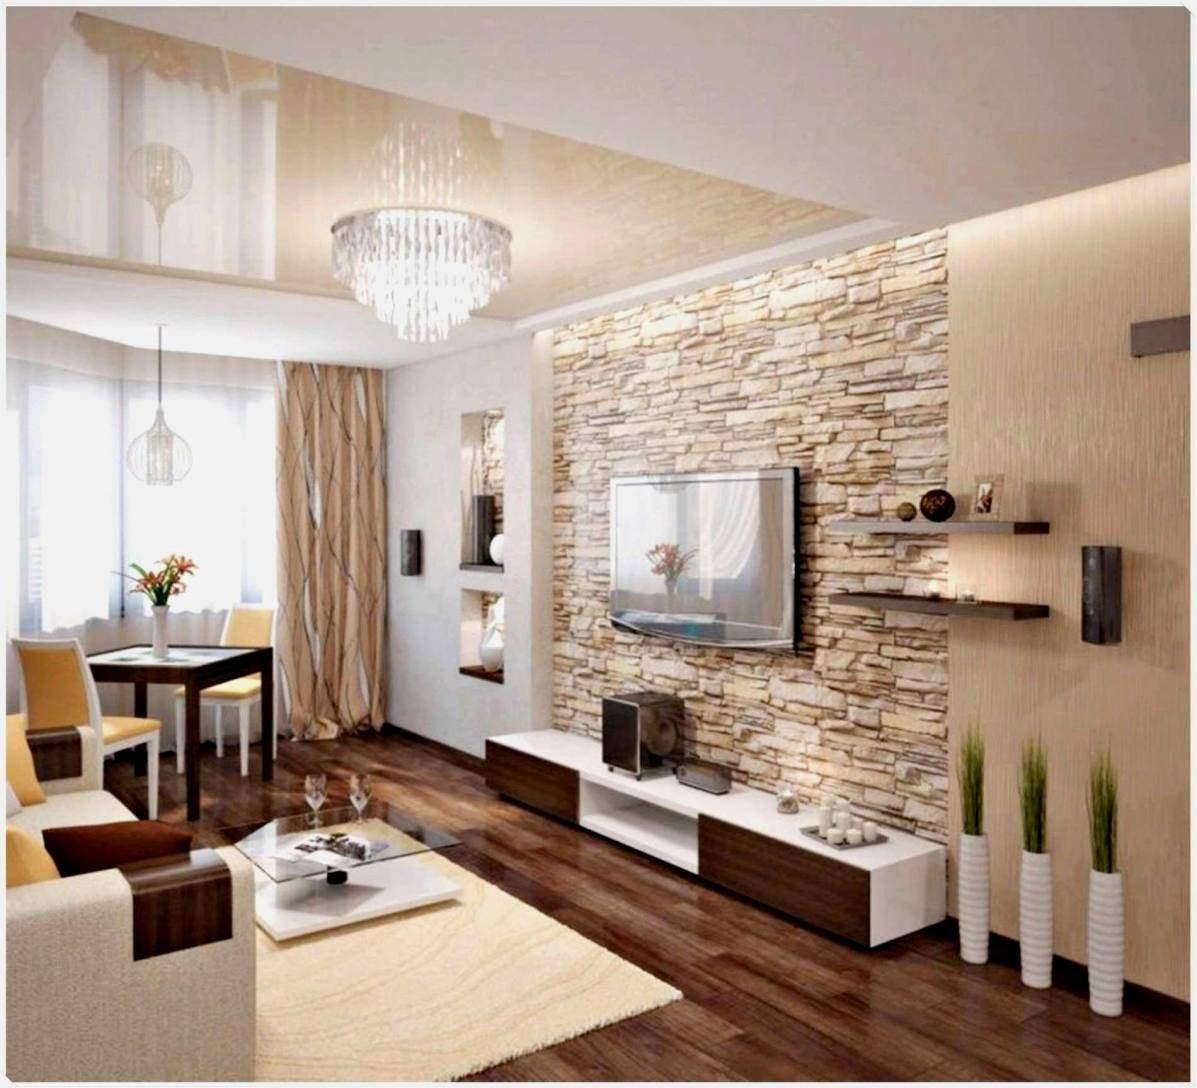 wohnideen wohnzimmer modern das beste von wohnideen wohnzimmer modern ideen was solltest du tun of wohnideen wohnzimmer modern